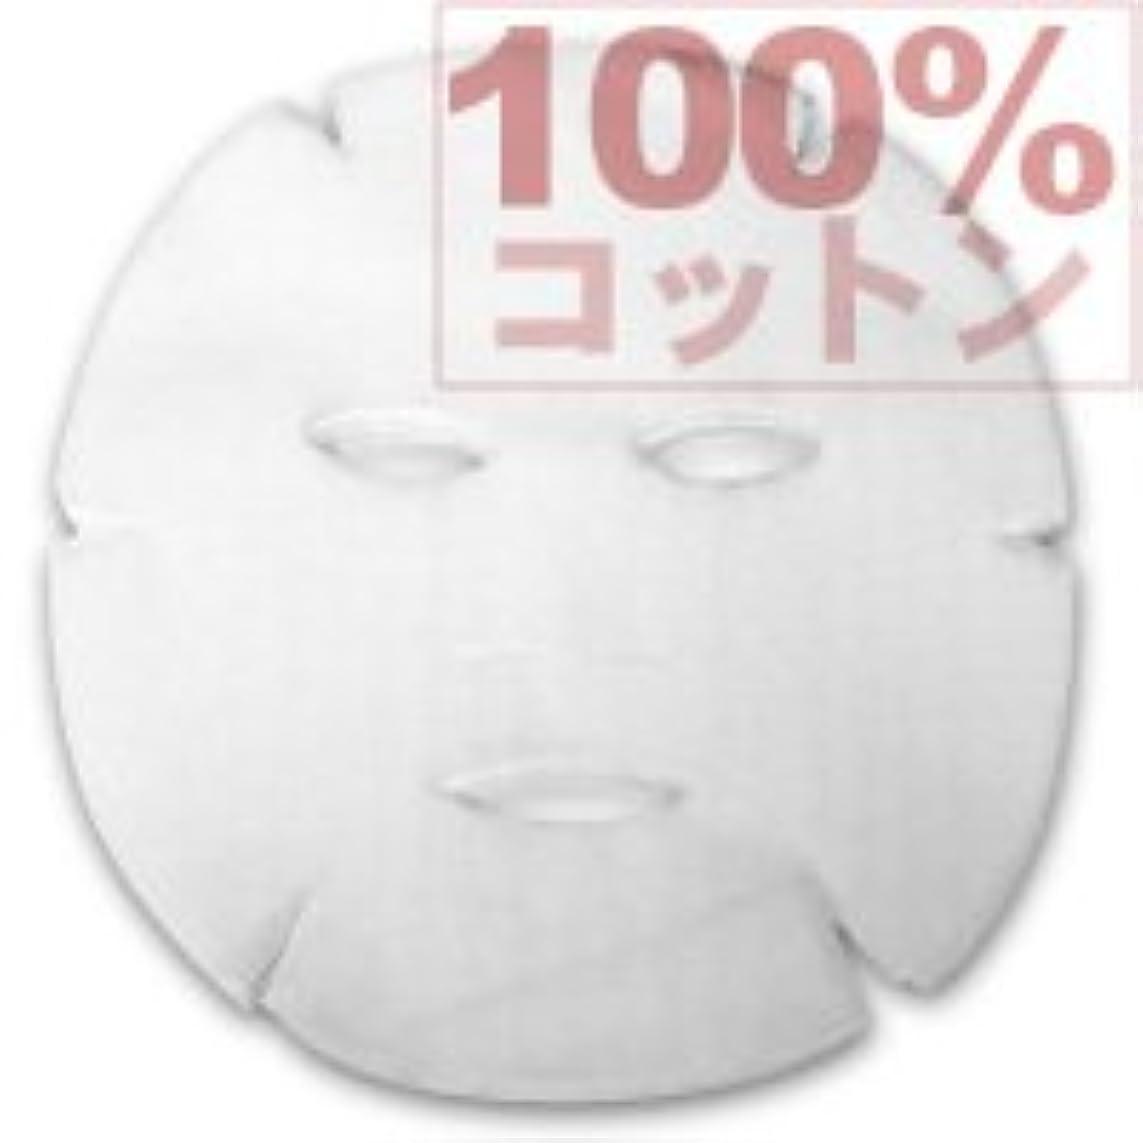 アームストロング抗議インタネットを見るフェイスマスクシート 【50枚入り】 純綿100%のコットンマスク!